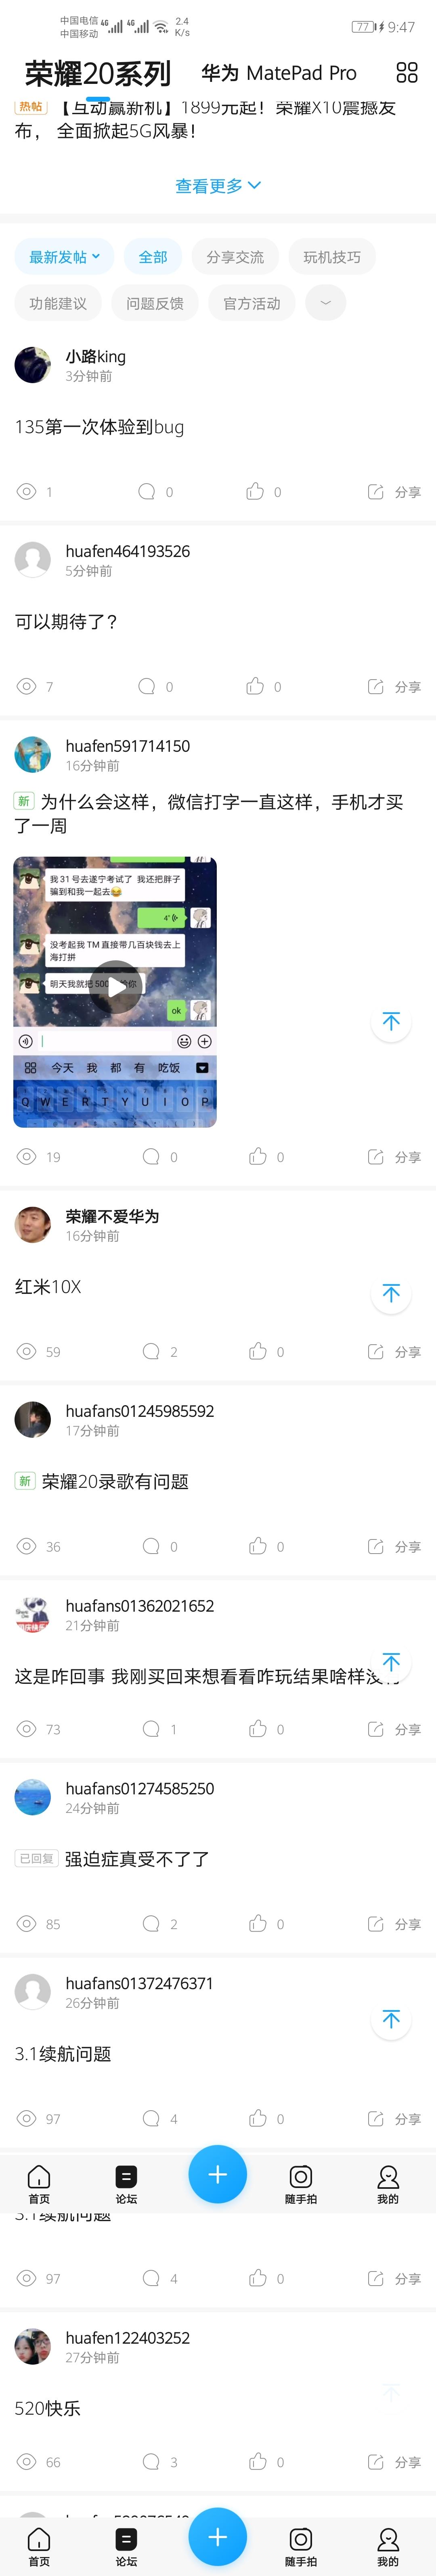 Screenshot_20200520_214701_com.huawei.fans.jpg